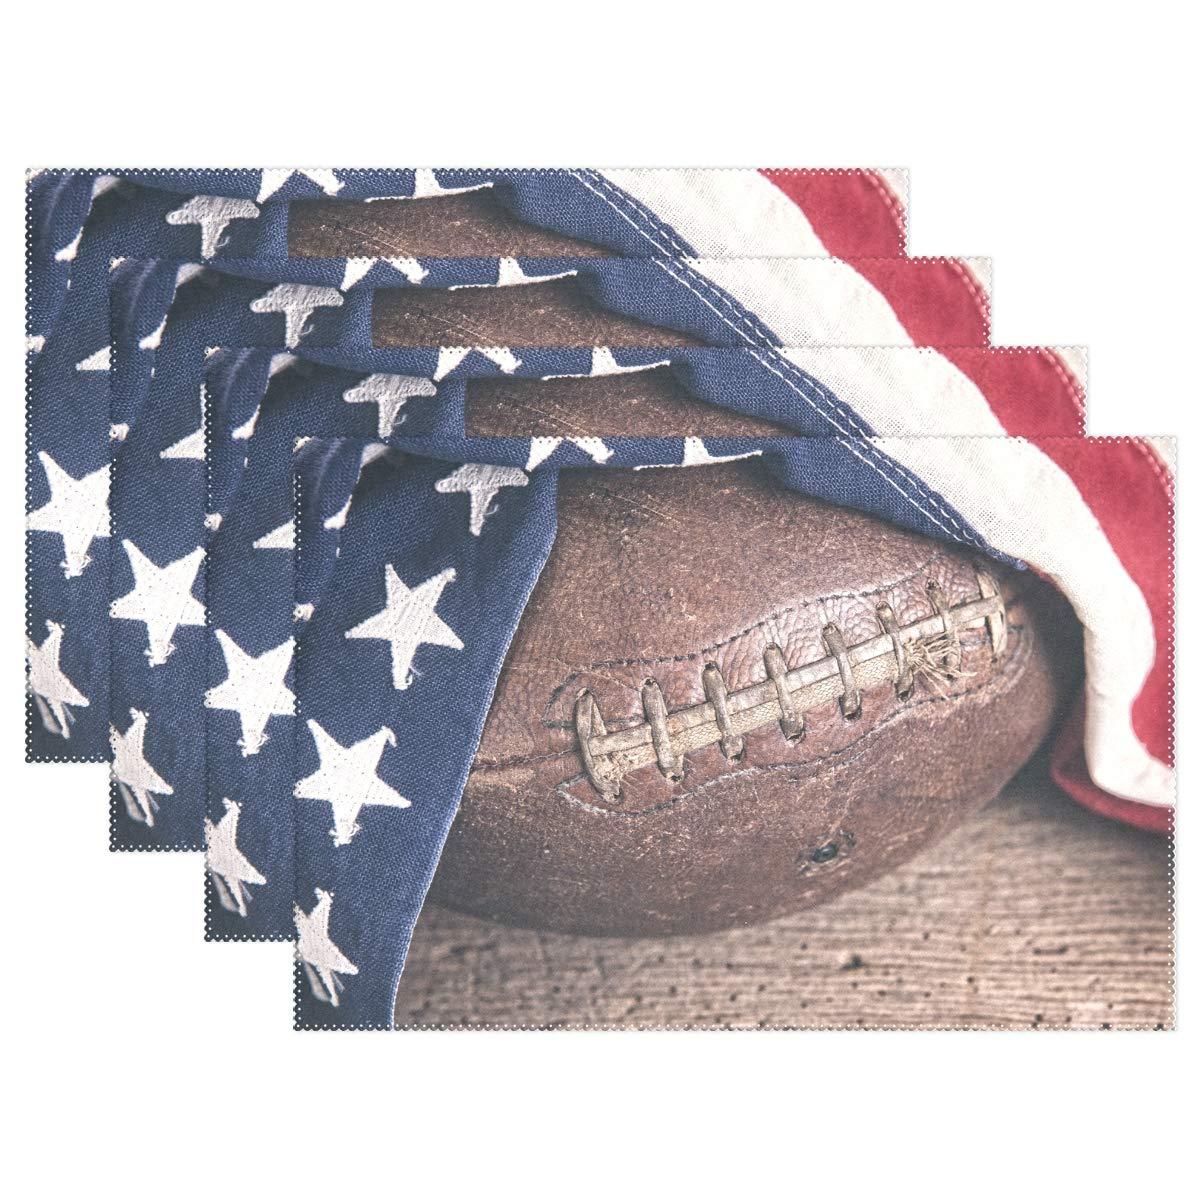 Wamika ヴィンテージ レザー フットボール プレースマット レトロ アメリカ国旗 テーブルマット ノンスリップ 洗濯可能 耐熱 テーブルマット キッチン ダイニング 装飾トレイマット 12インチ x 18インチ 1セット 6PCS 6PCS  B07KK1P2TJ